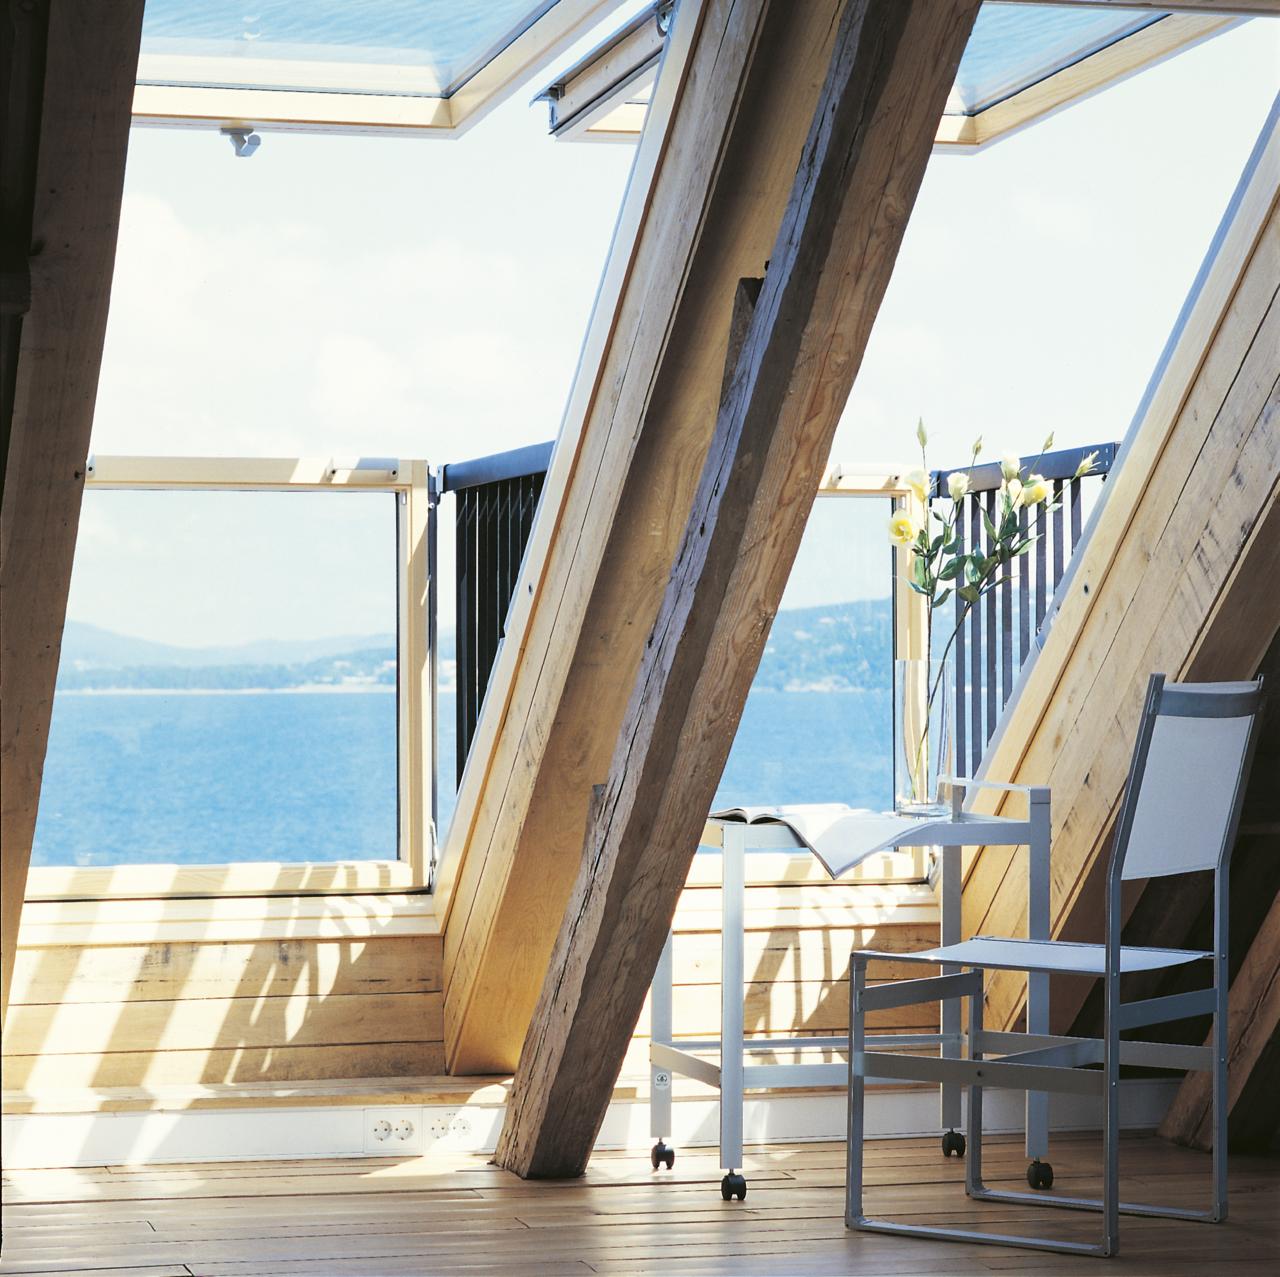 La finestra a balcone belvedere a sorpresa - Finestre mansarda prezzi ...